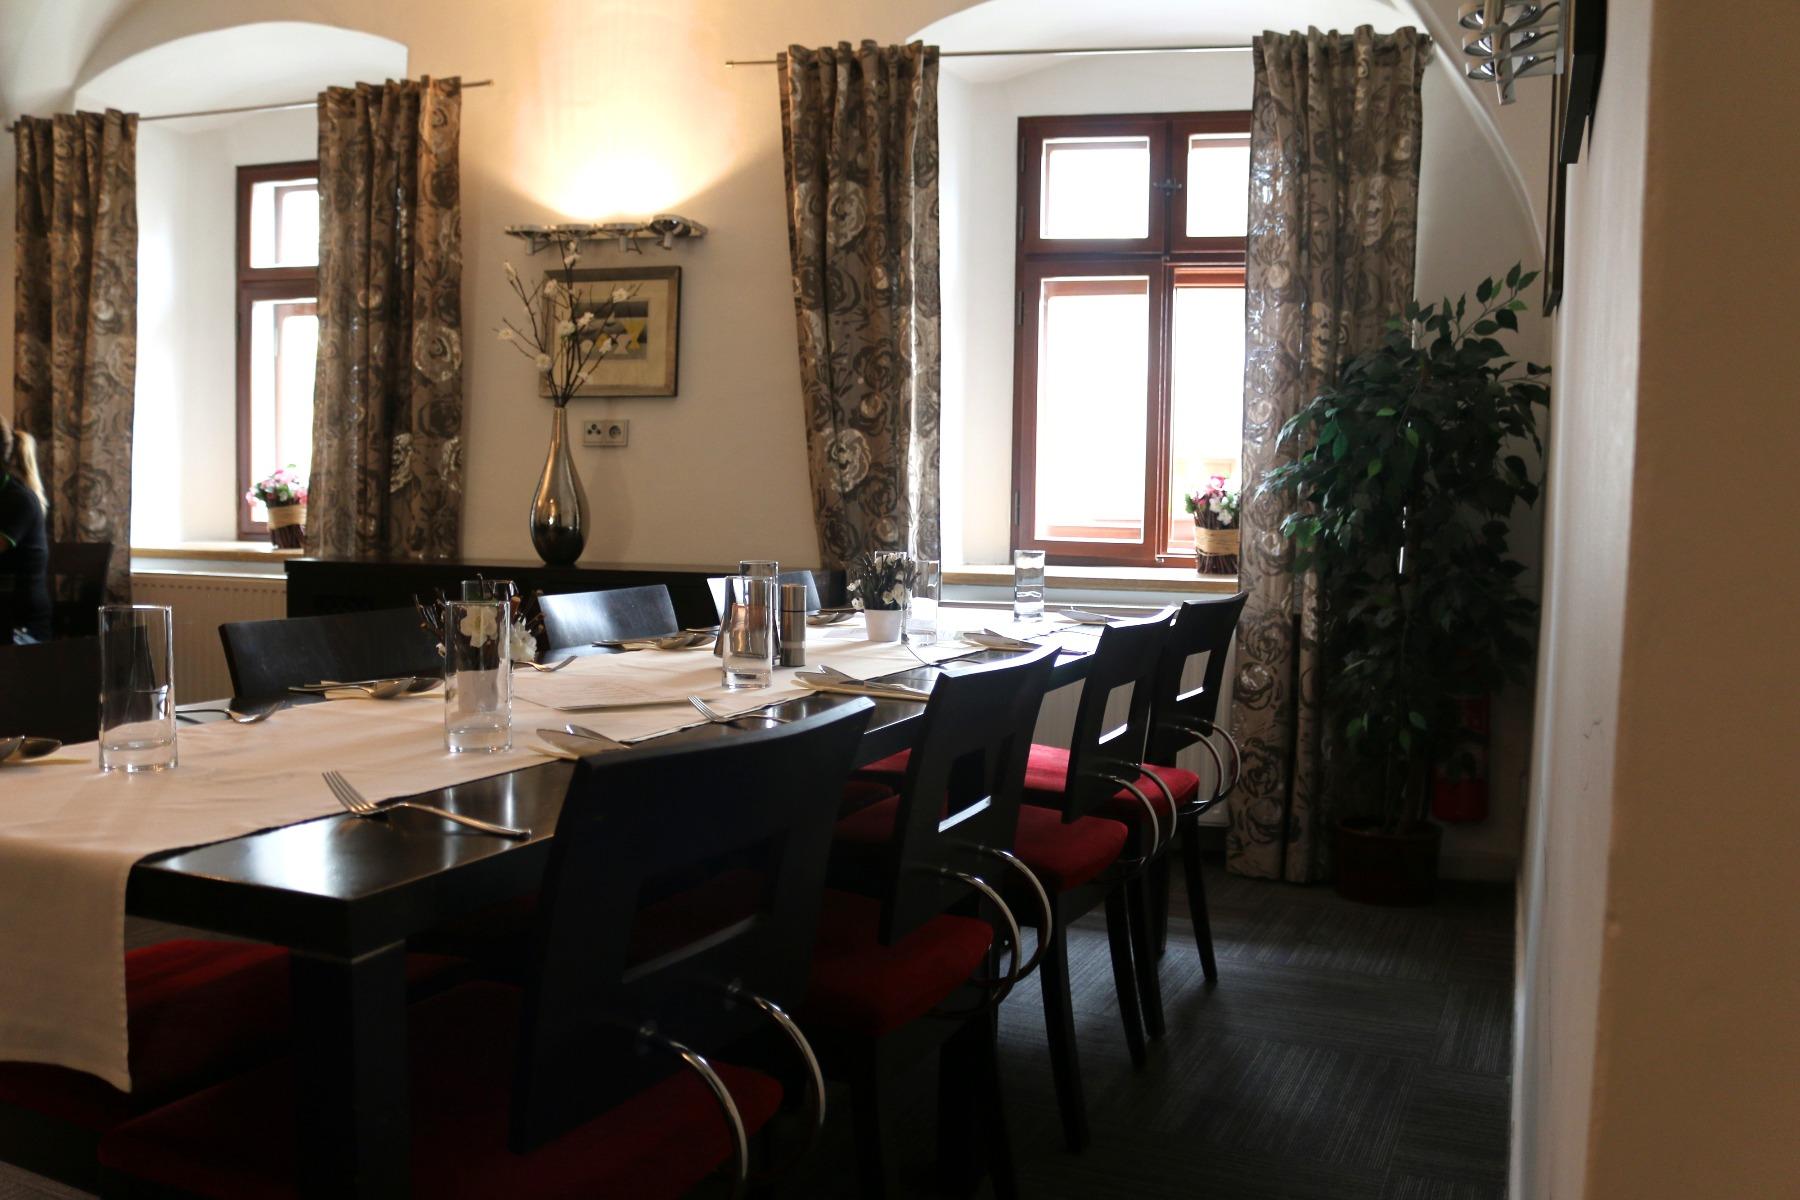 restaurant interior (1).jpg